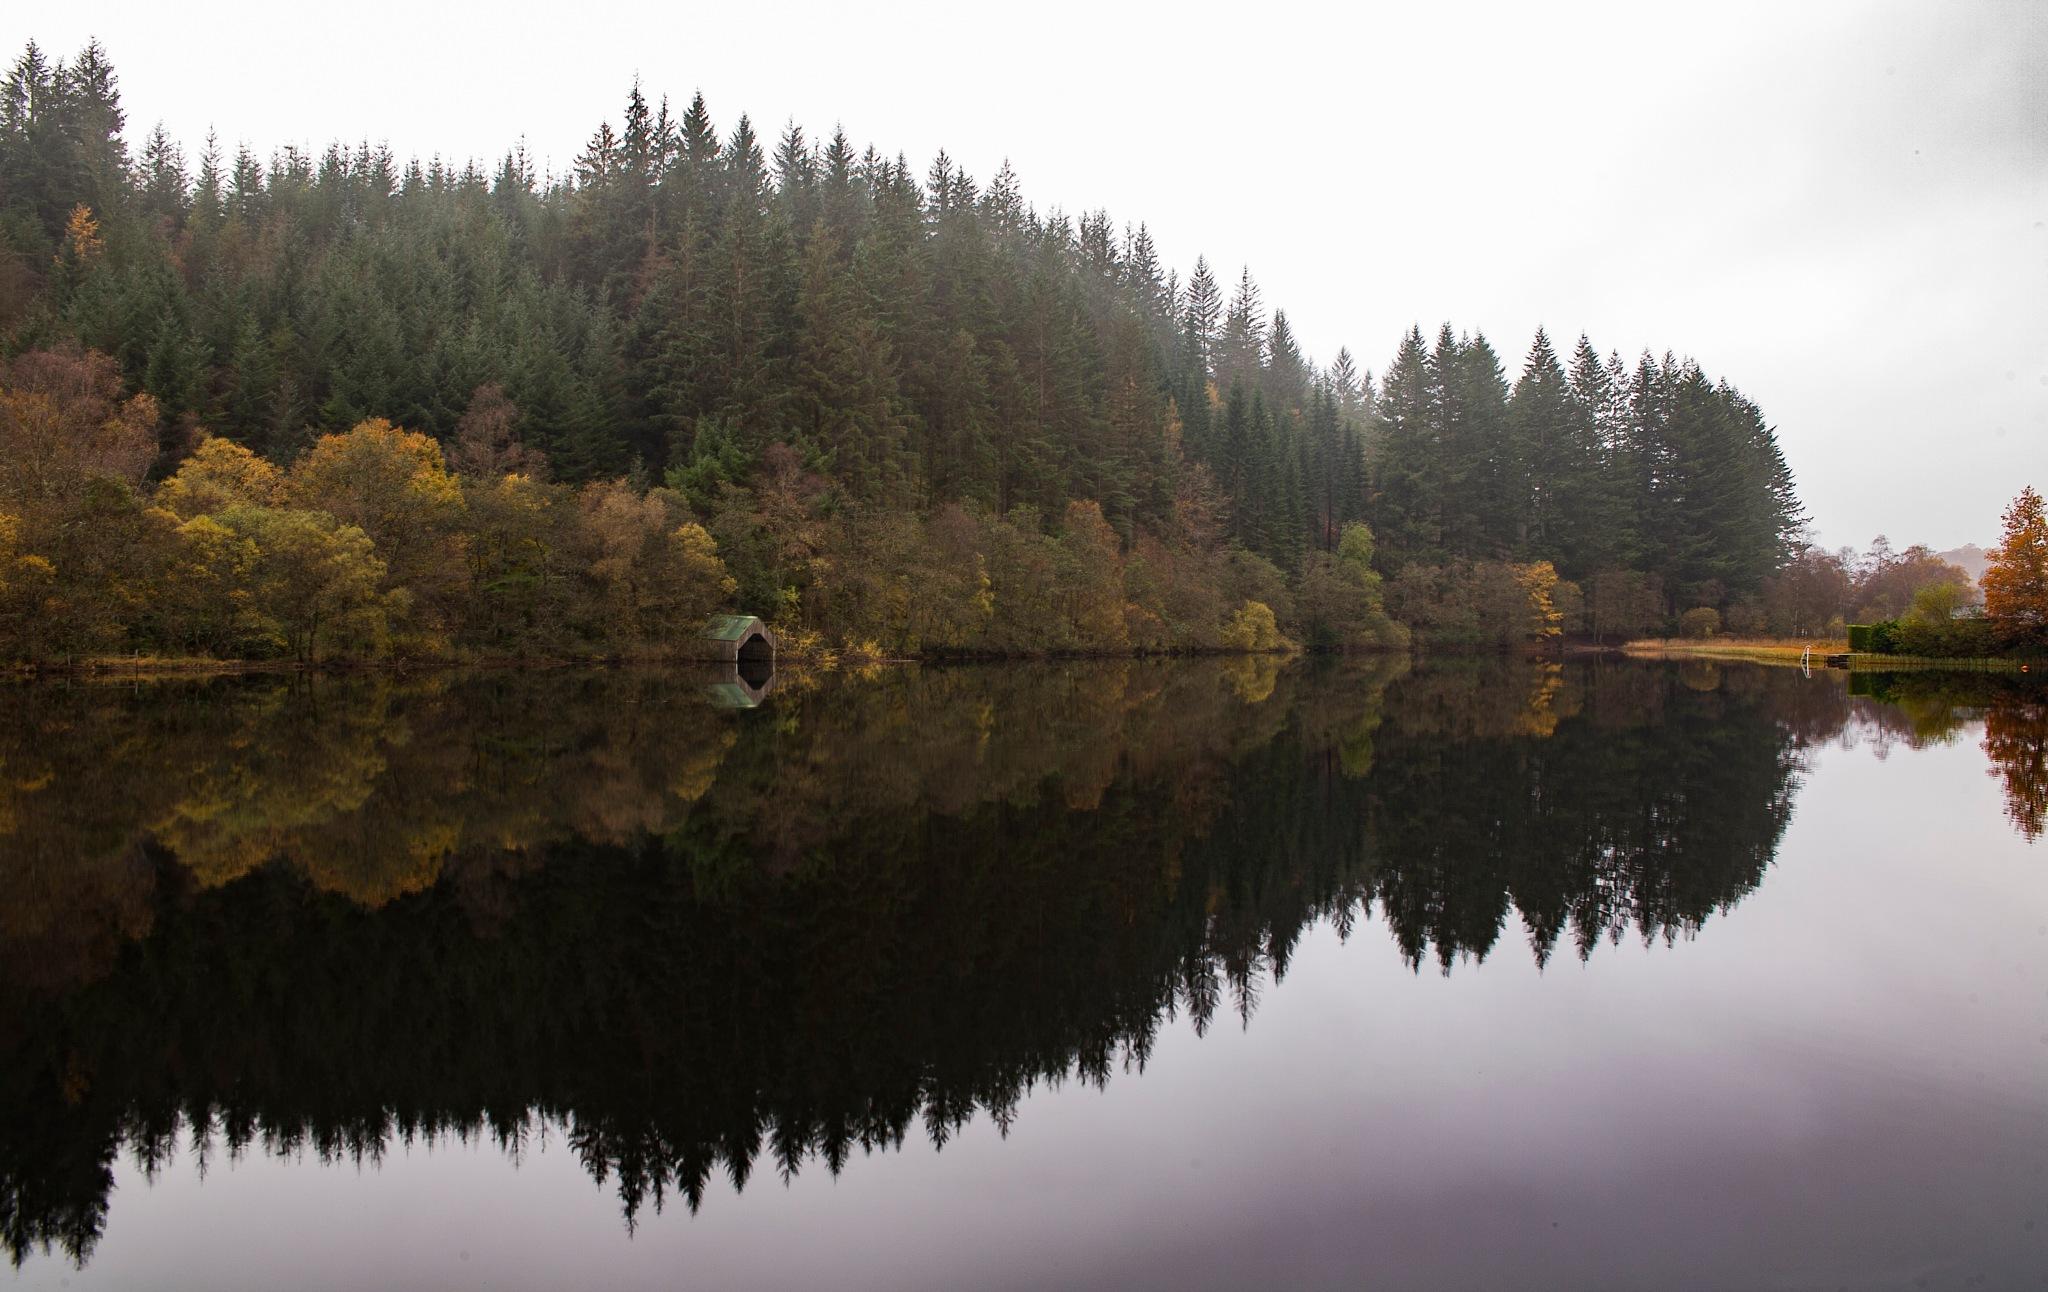 Loch Ard Basin & Boat Housing by andymax93